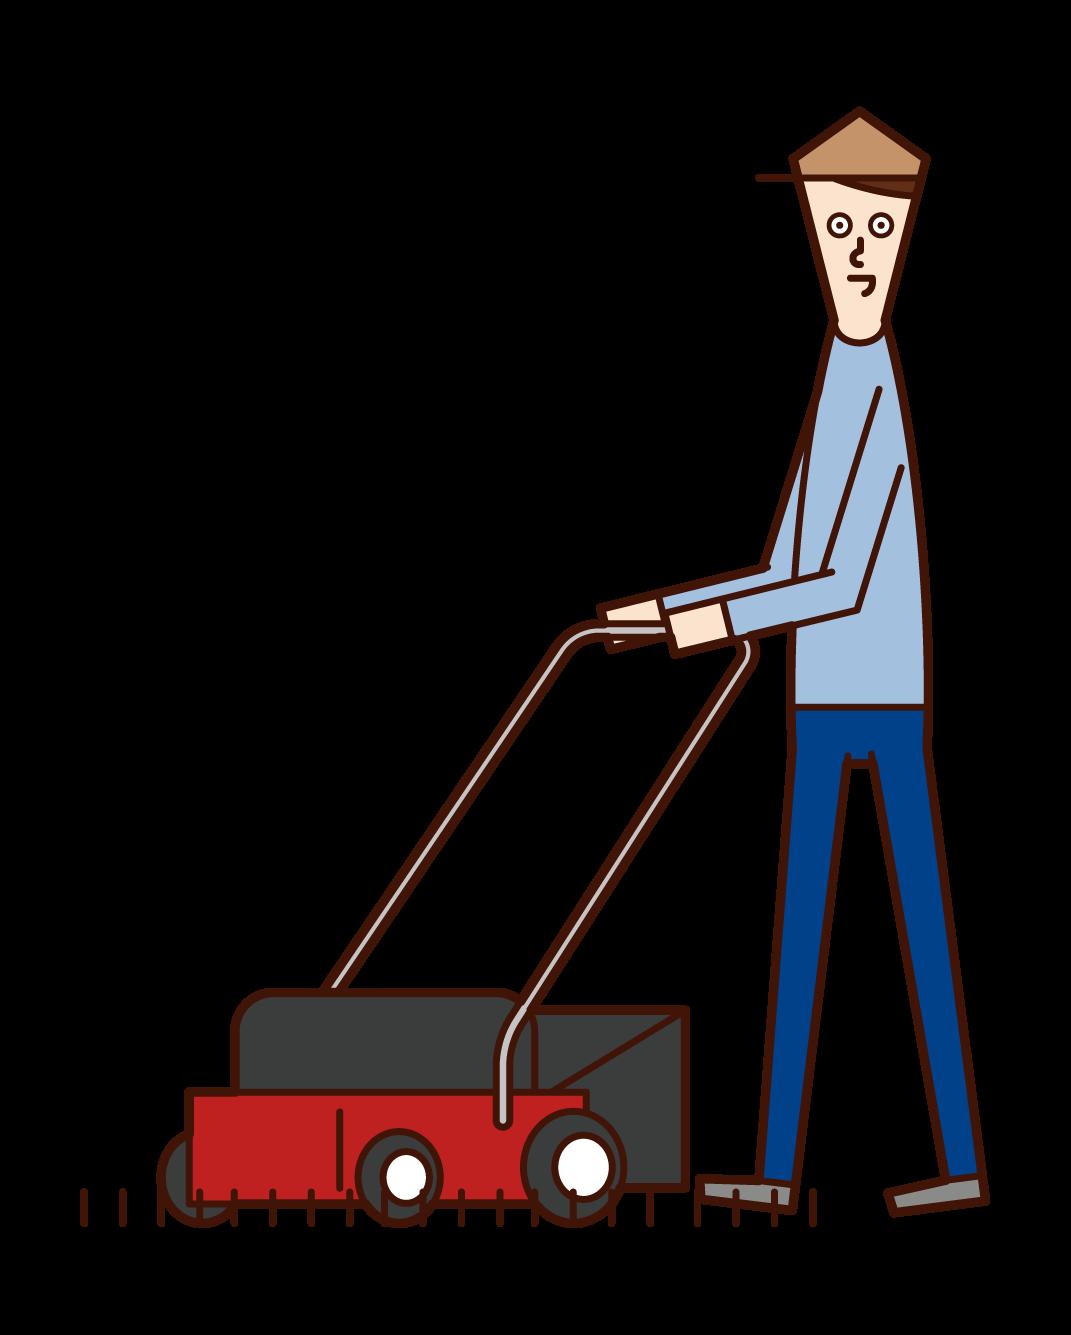 芝刈り機を使う人(男性)のイラスト